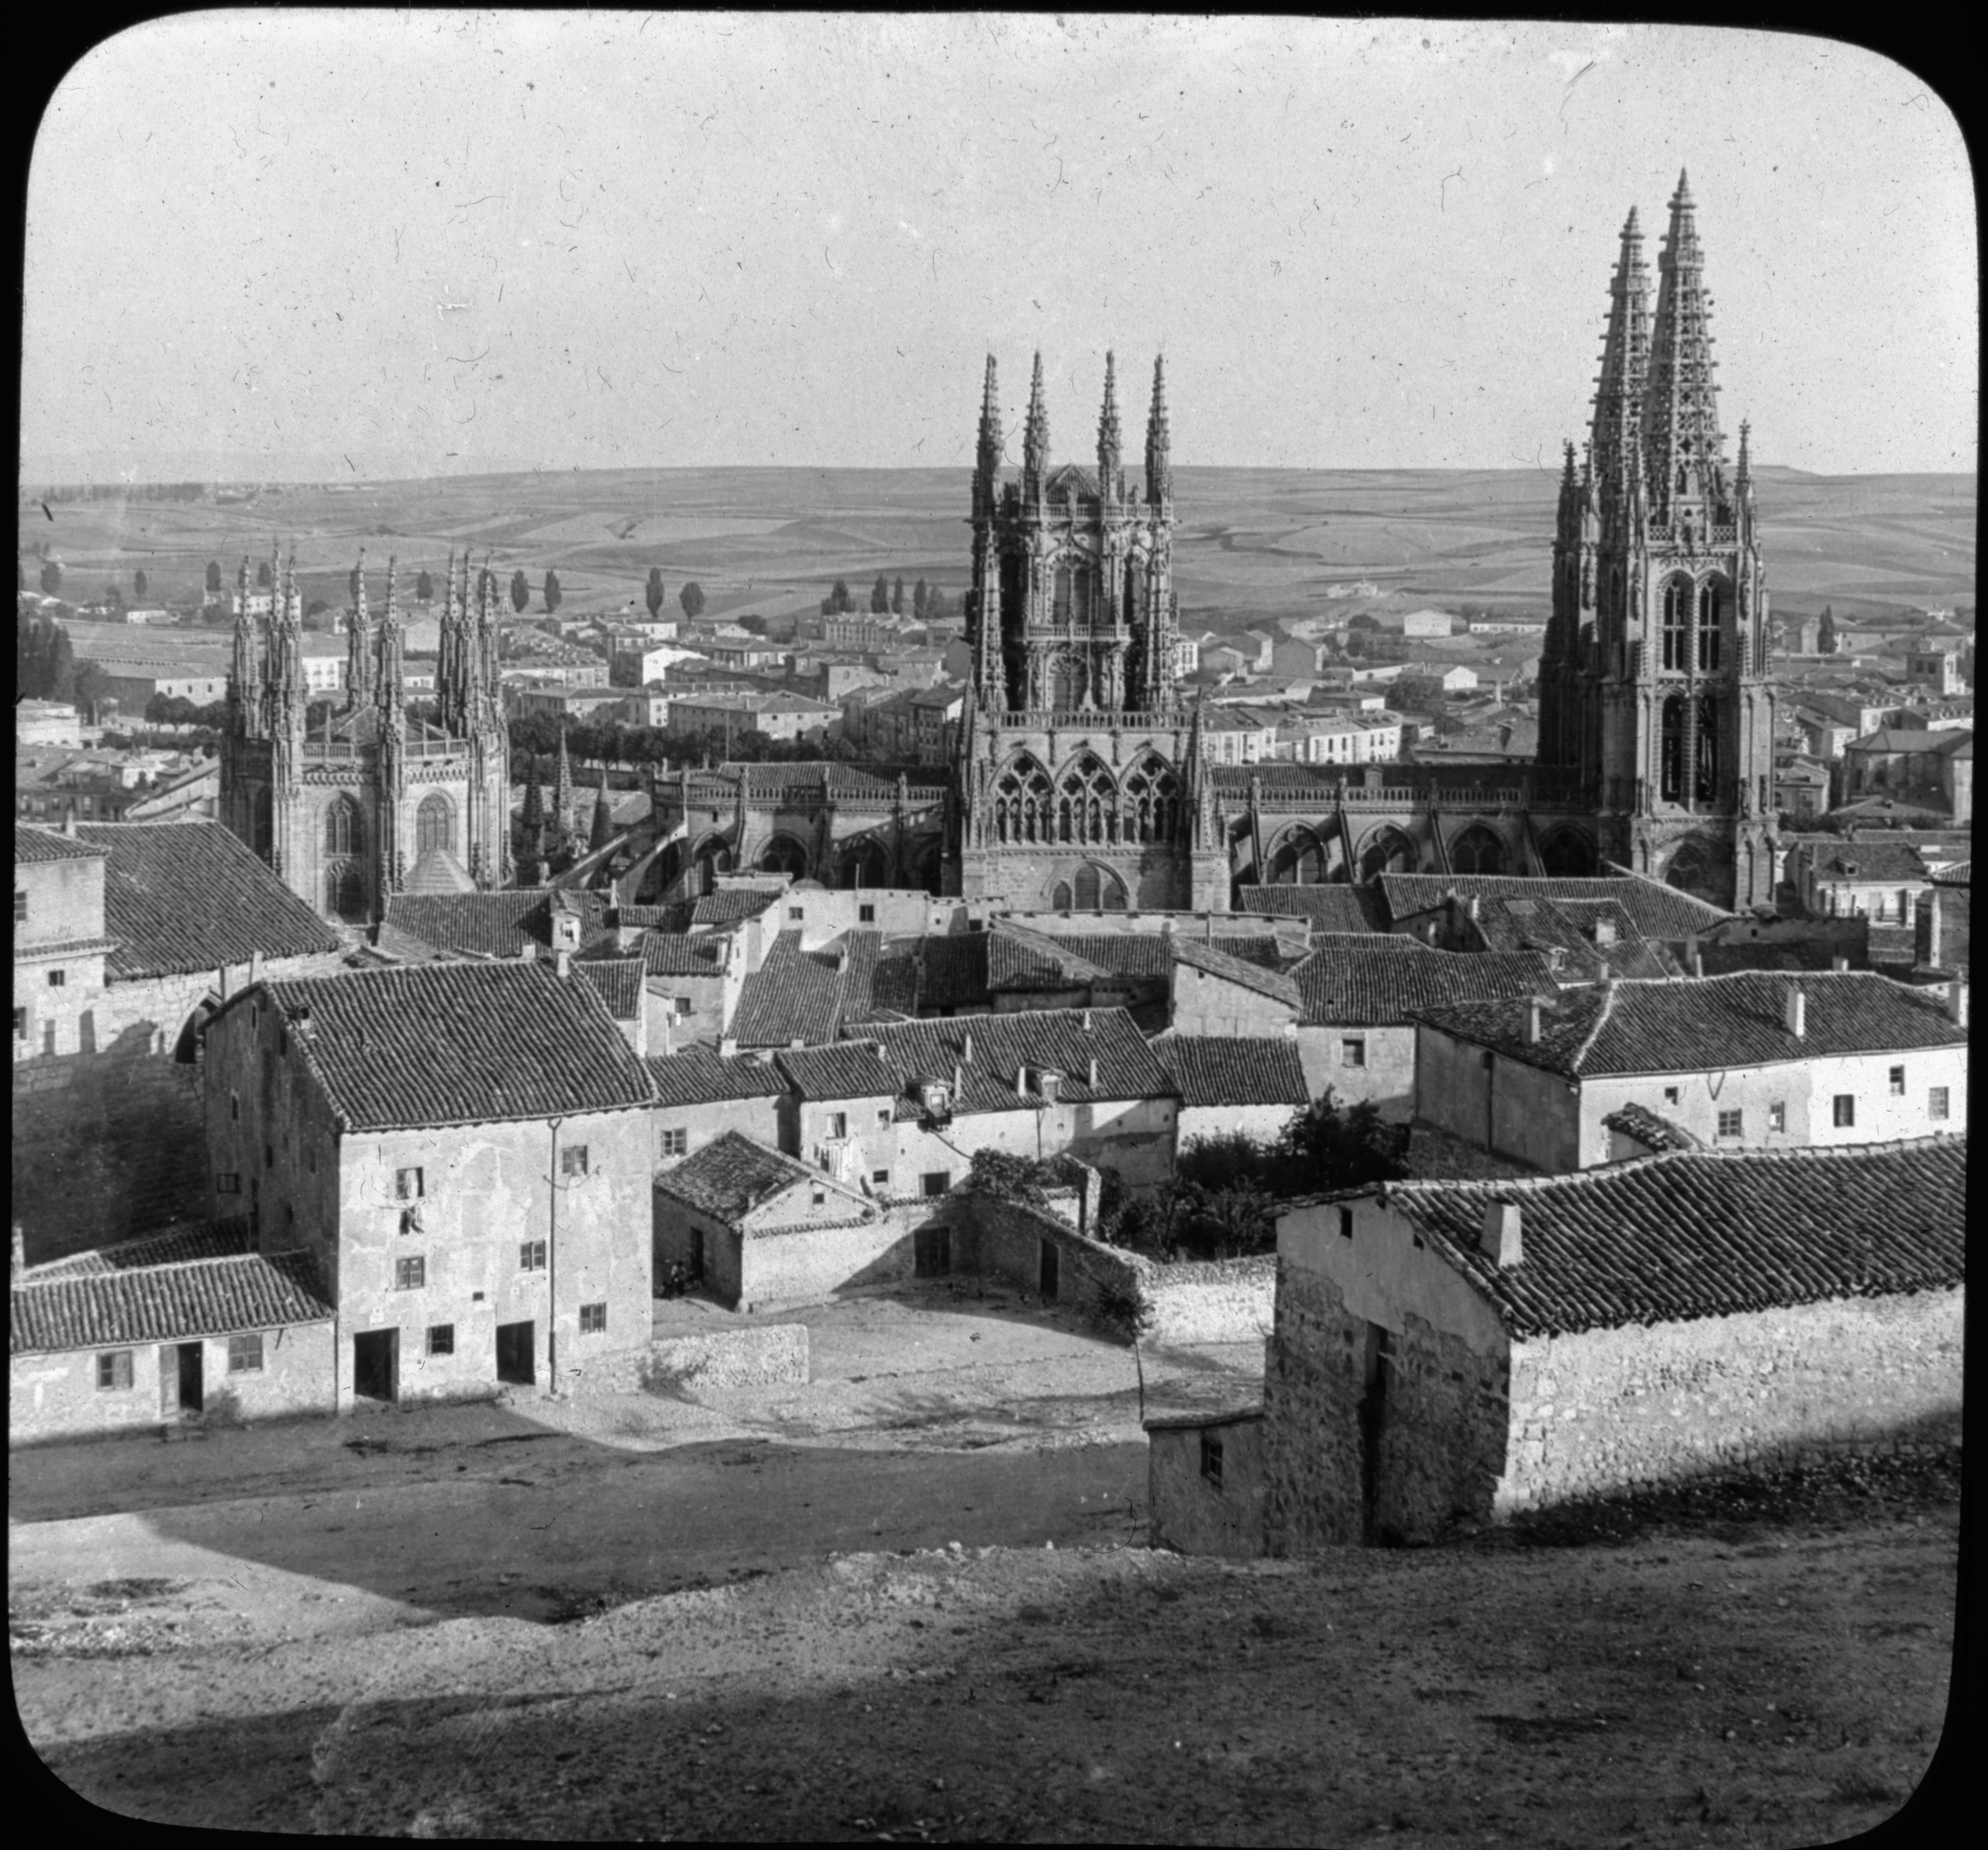 General View of Burgos, Spain.